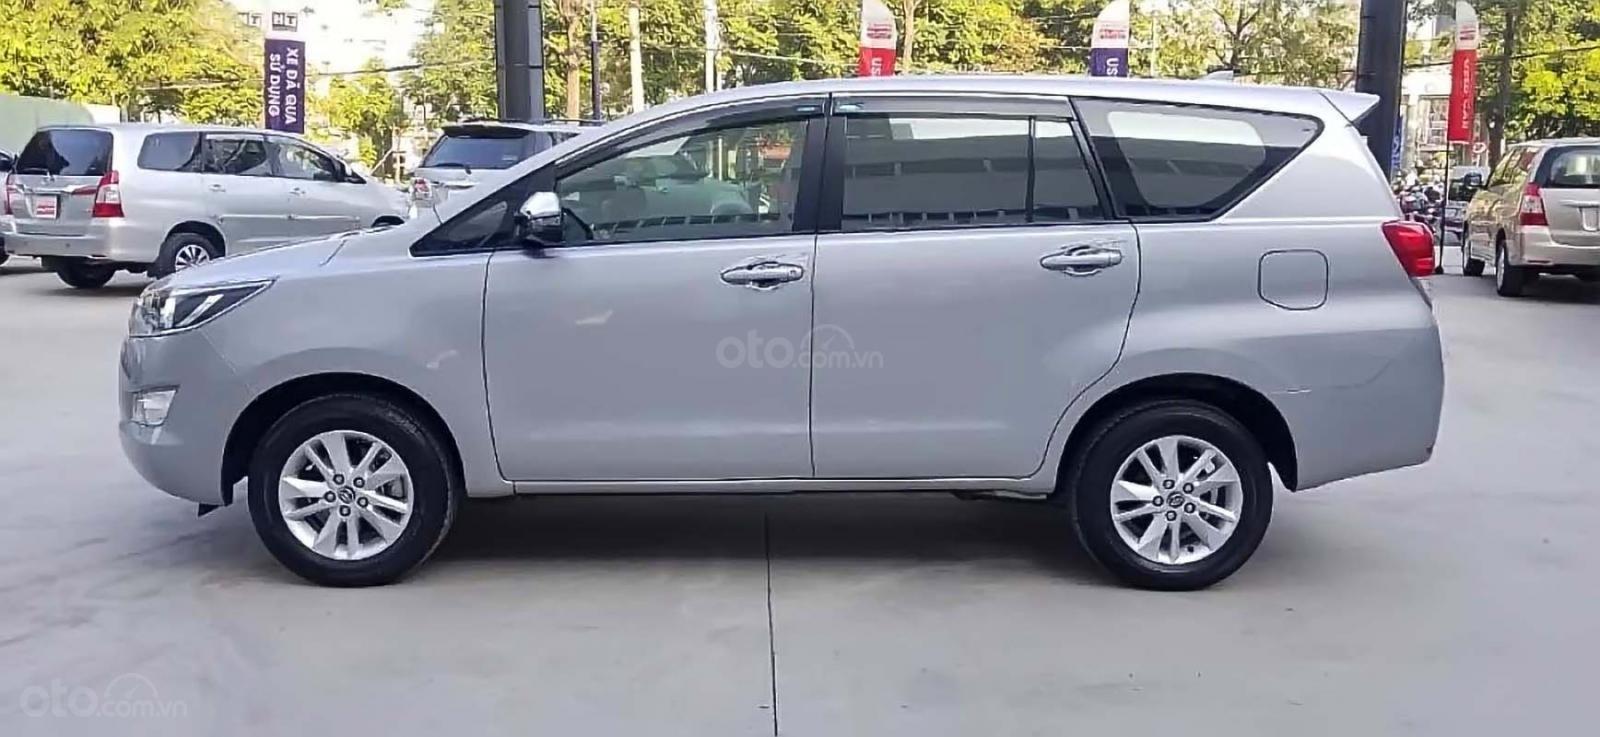 Bán xe Toyota Innova 2.0G năm sản xuất 2018, màu bạc, giá tốt (2)